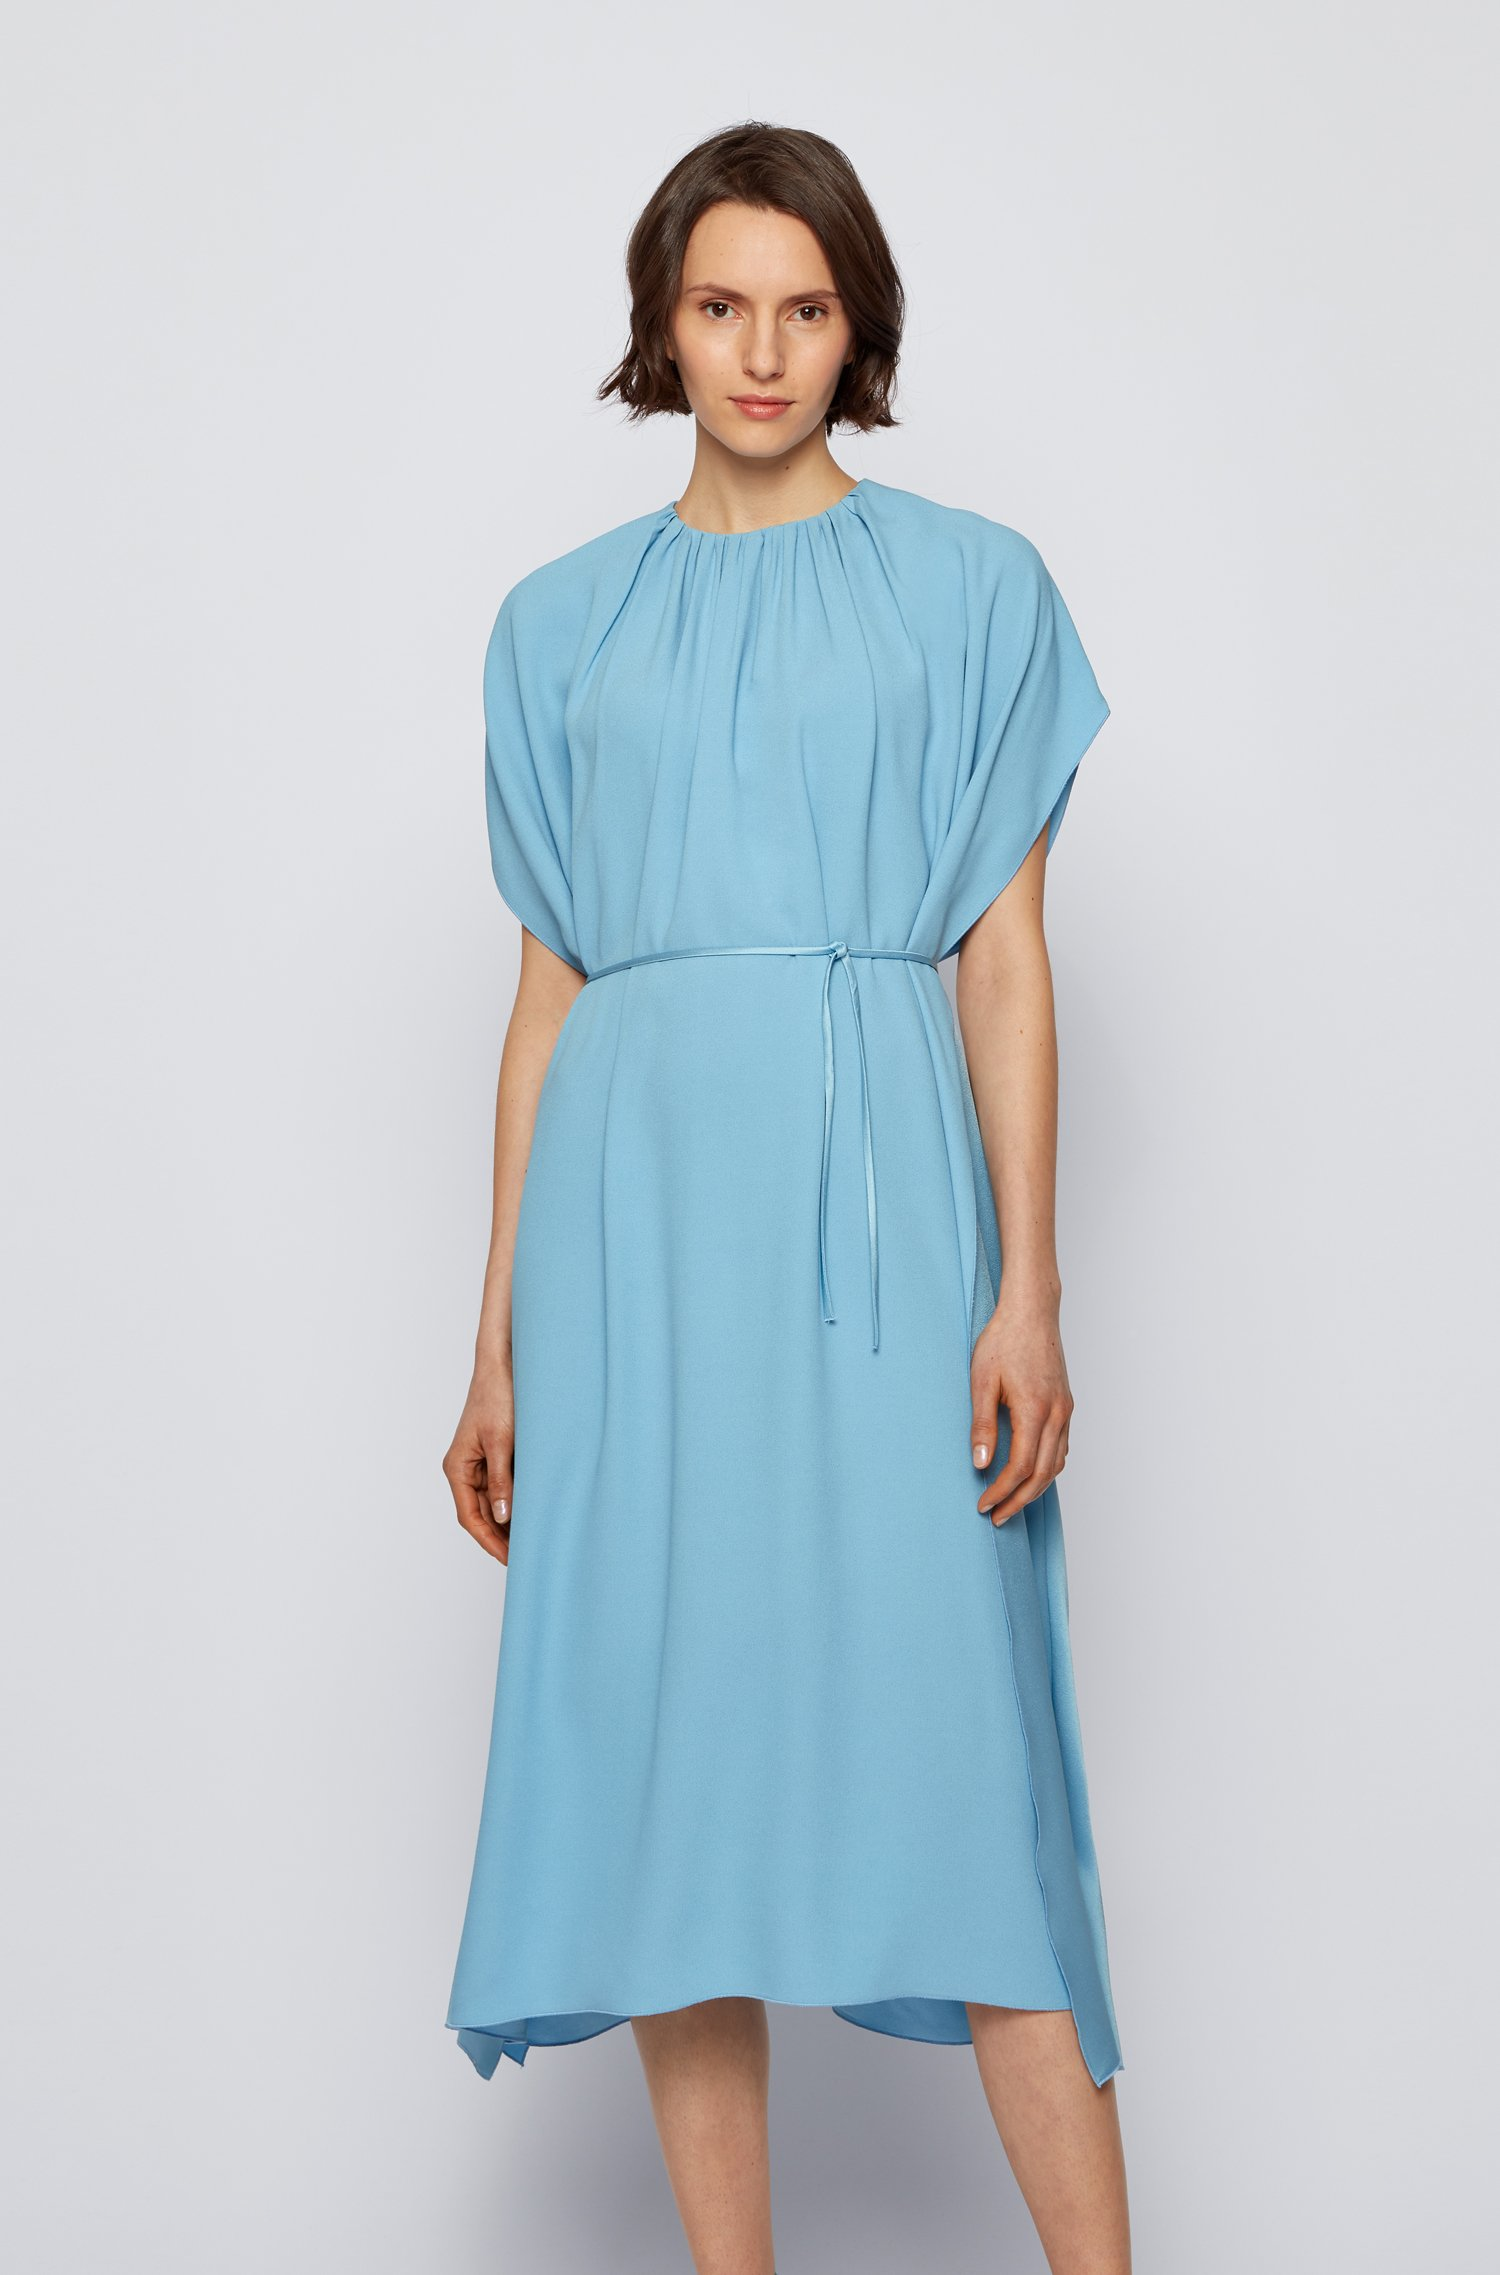 Robe à manches kimono en crêpe à envers en satin, bleu clair